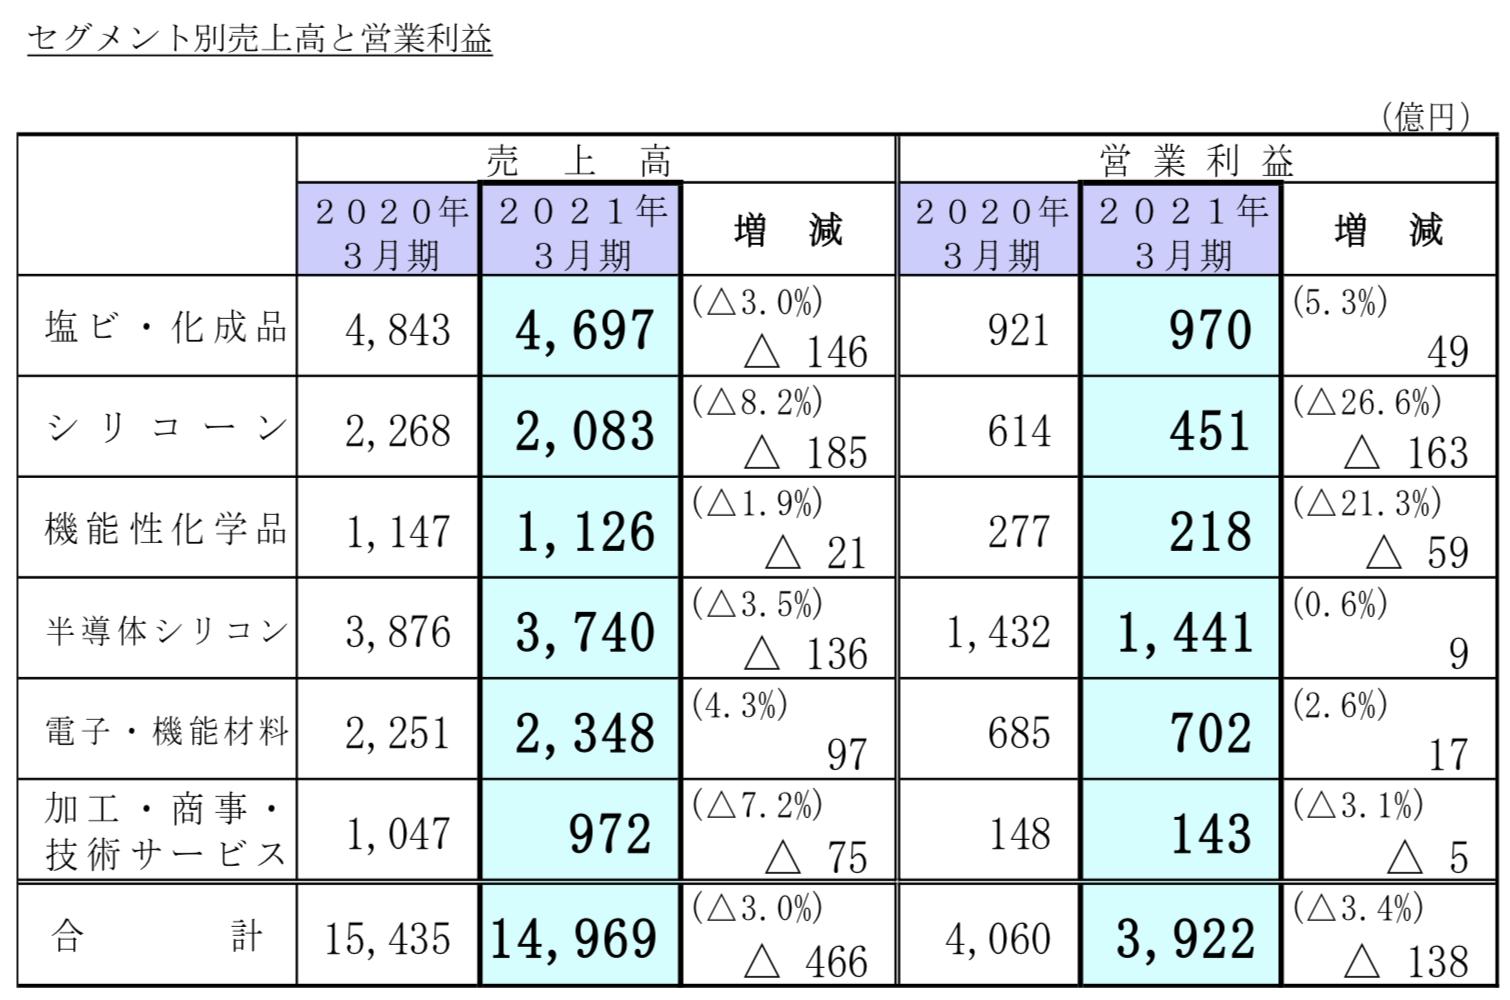 信越化学工業株式会社 2021 年3月期 決算短信〔日本基準〕(連結)